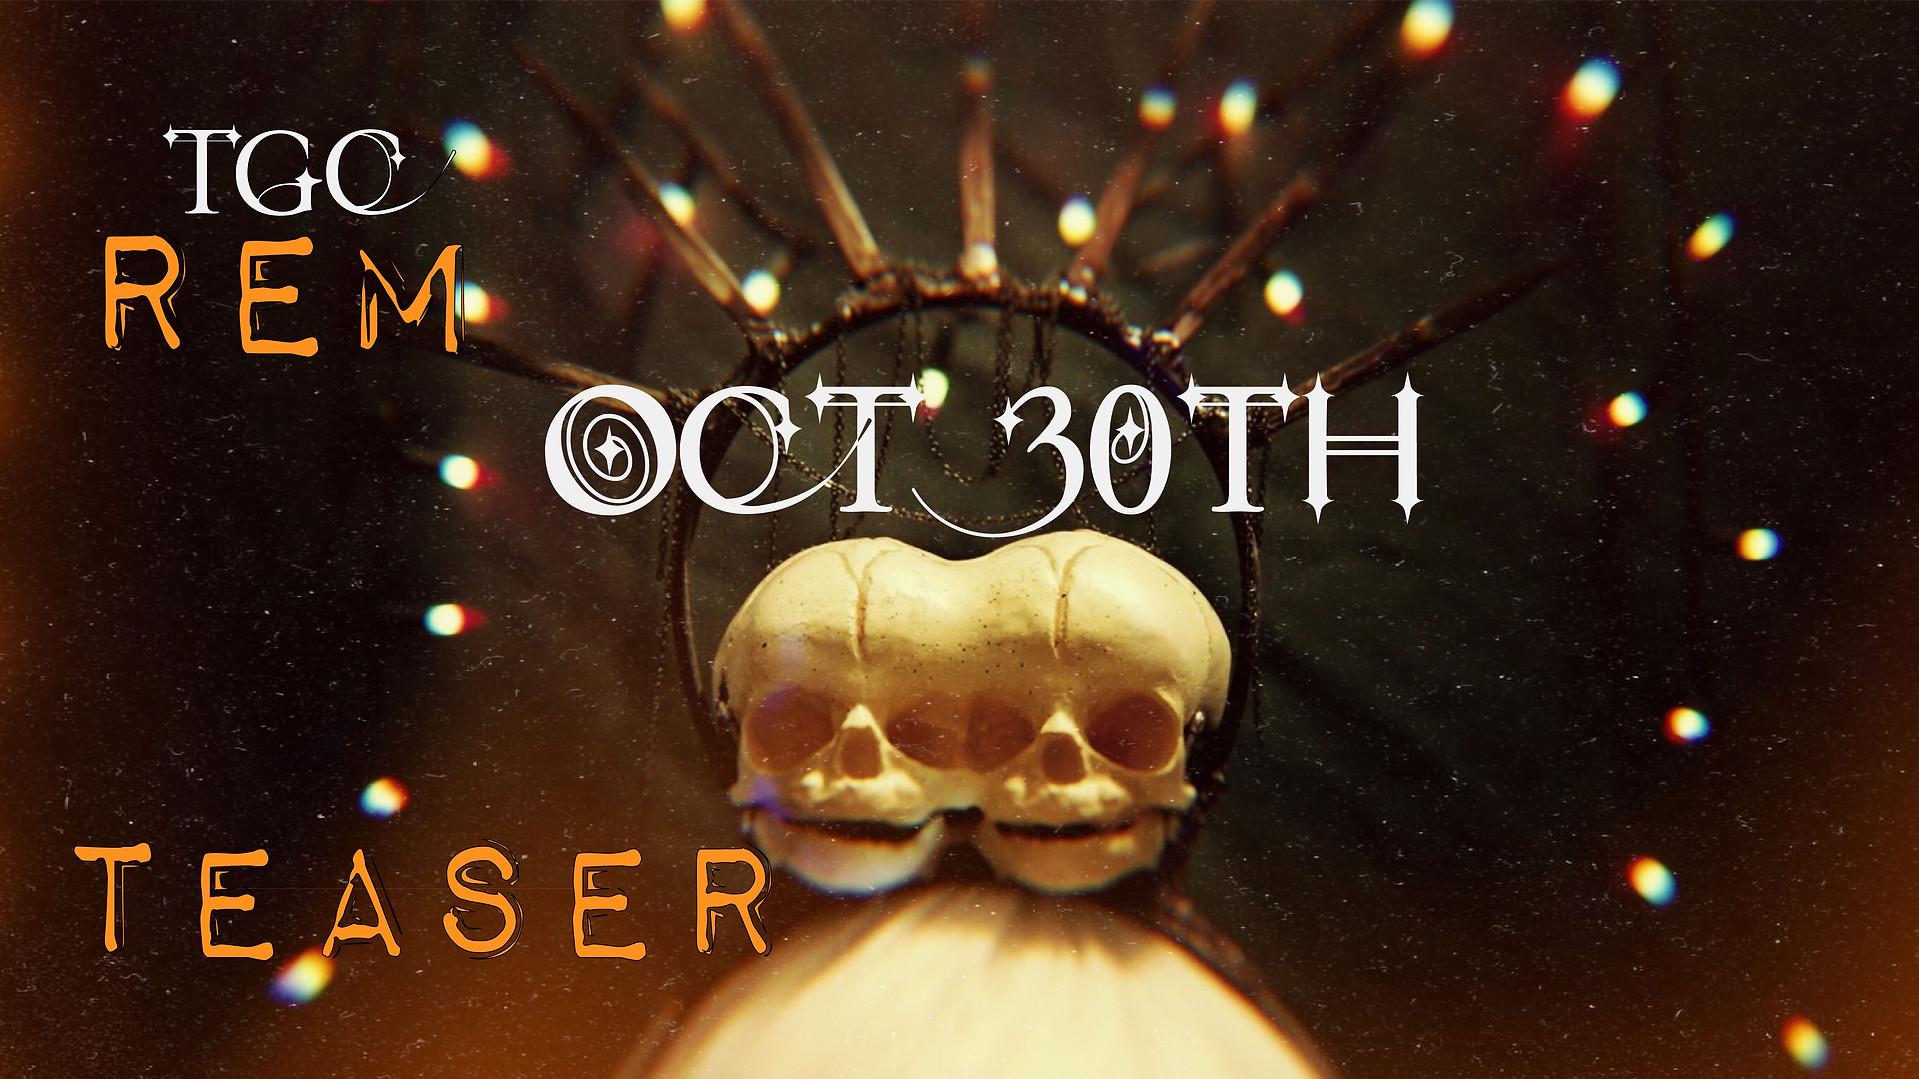 TGC: Rem RETURNS October 30th